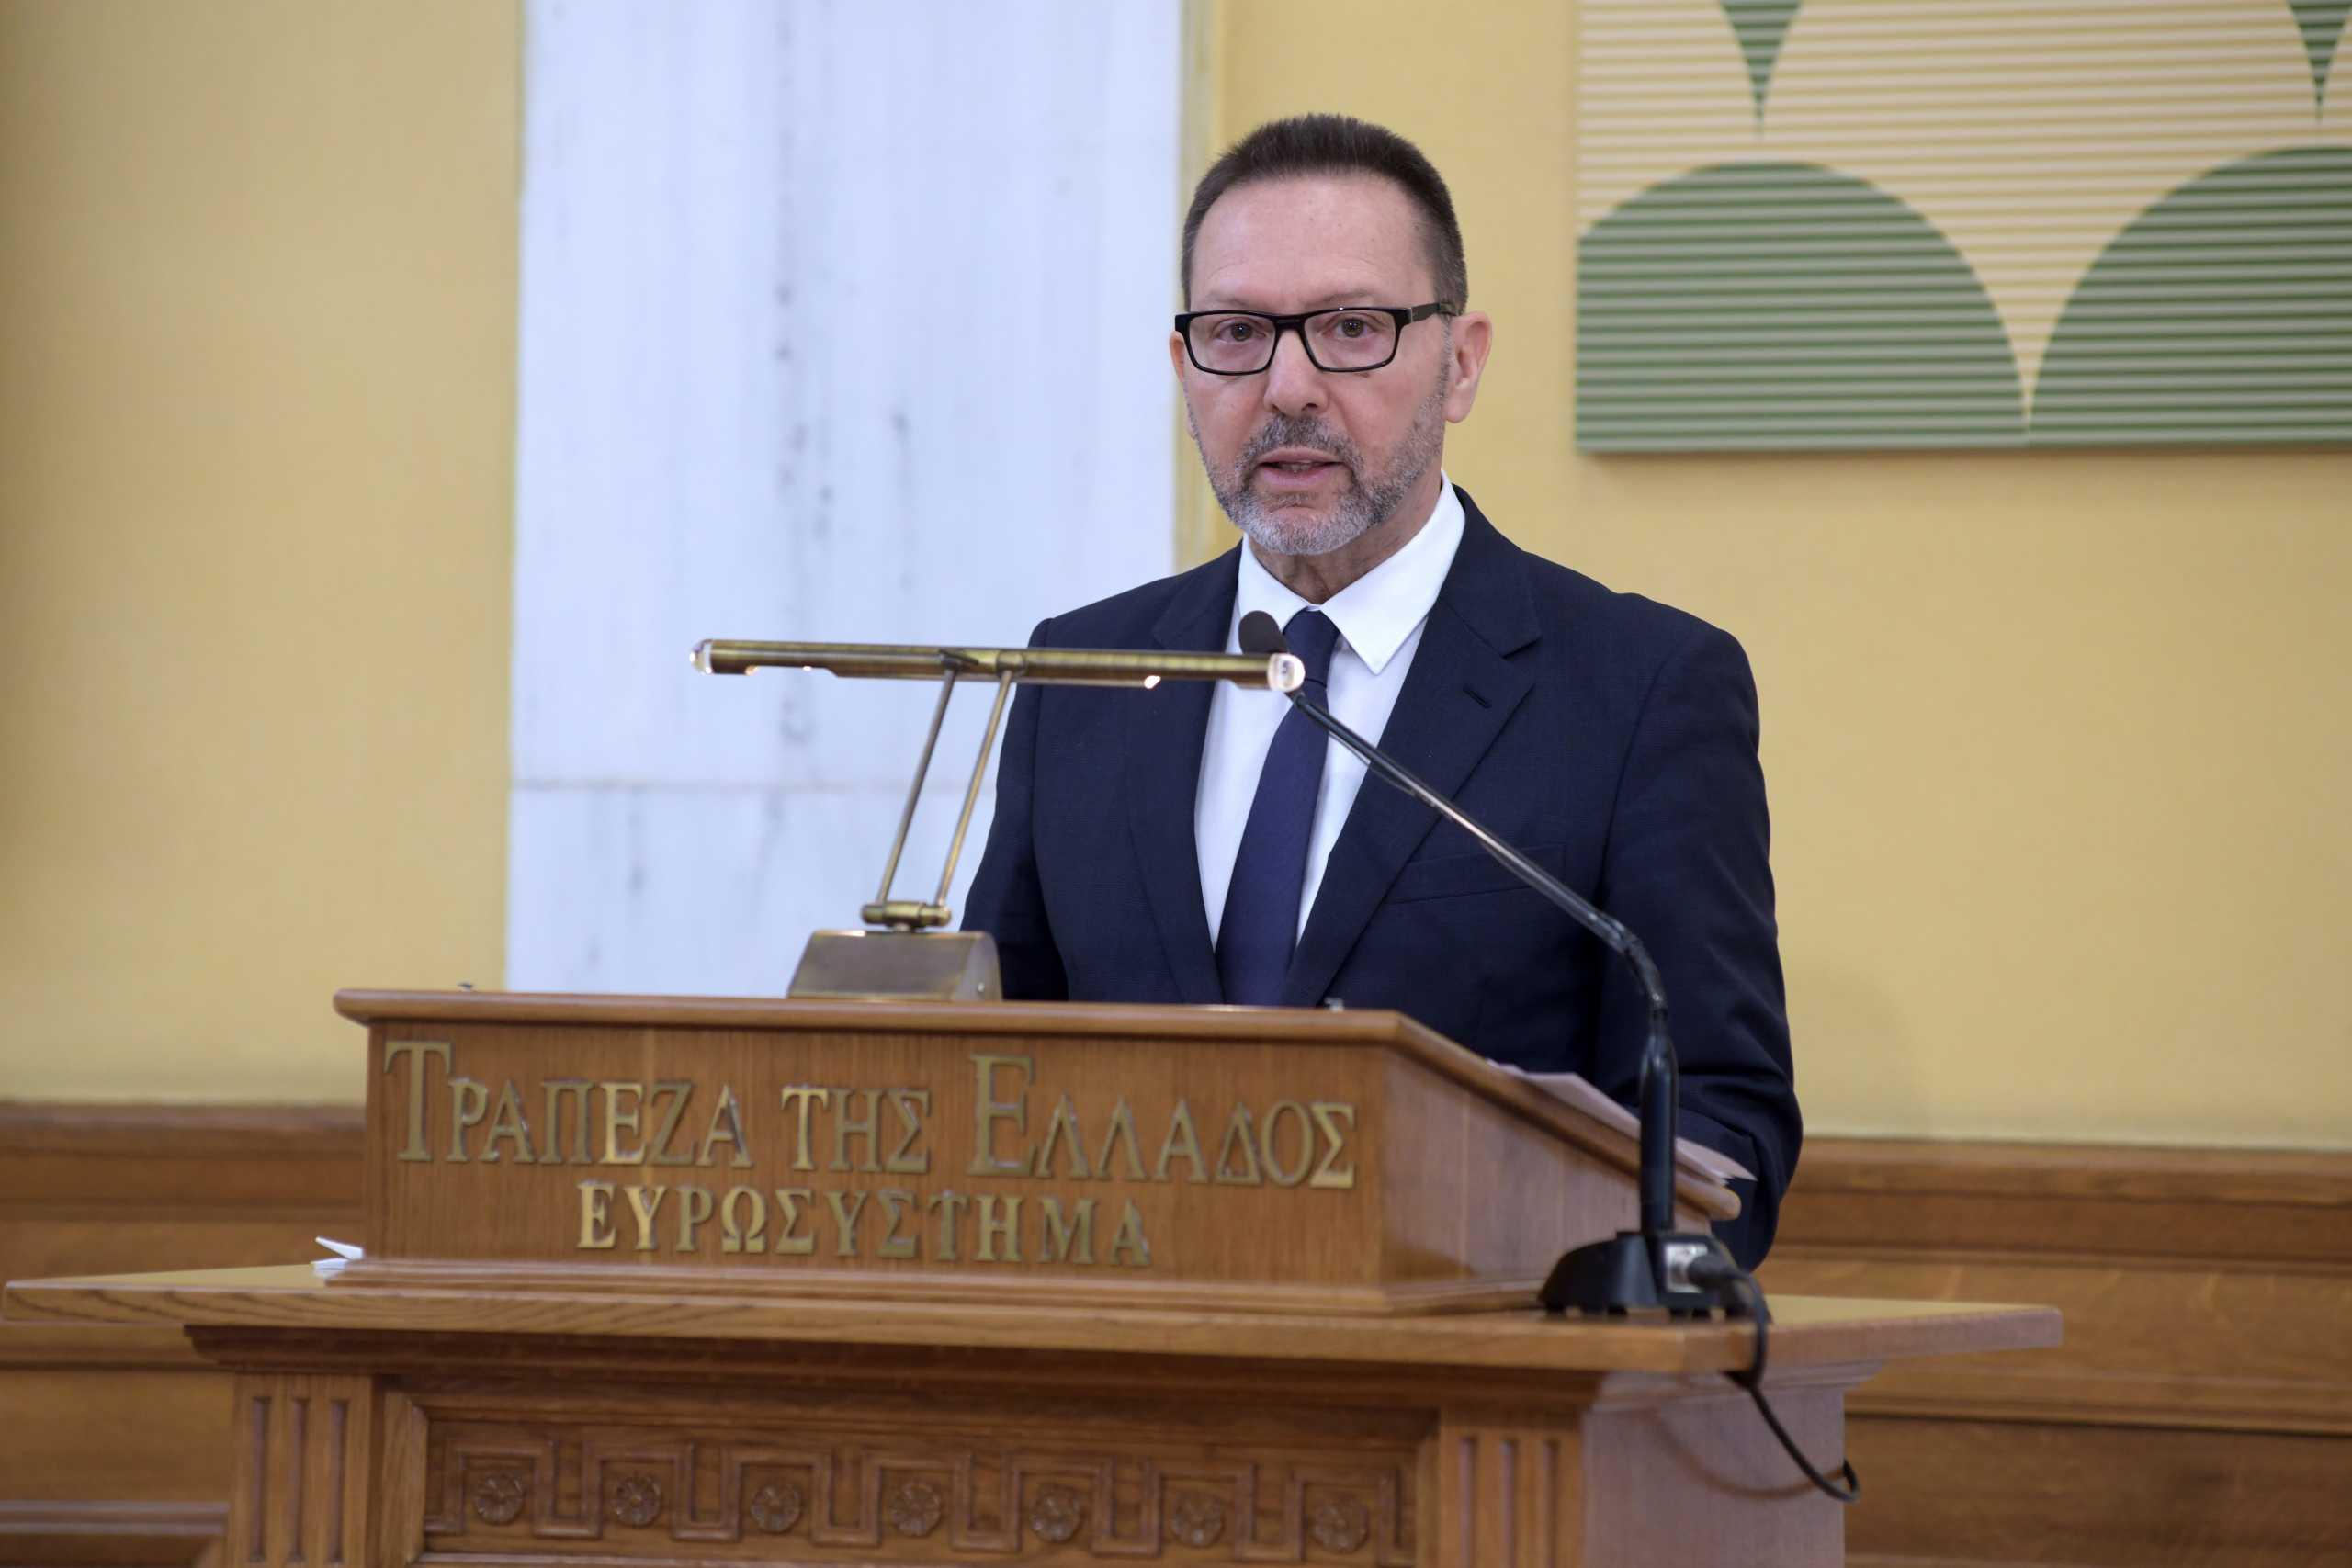 Γ. Στουρνάρας: Το 2023 επιστρέφει η κανονικότητα στις τράπεζες